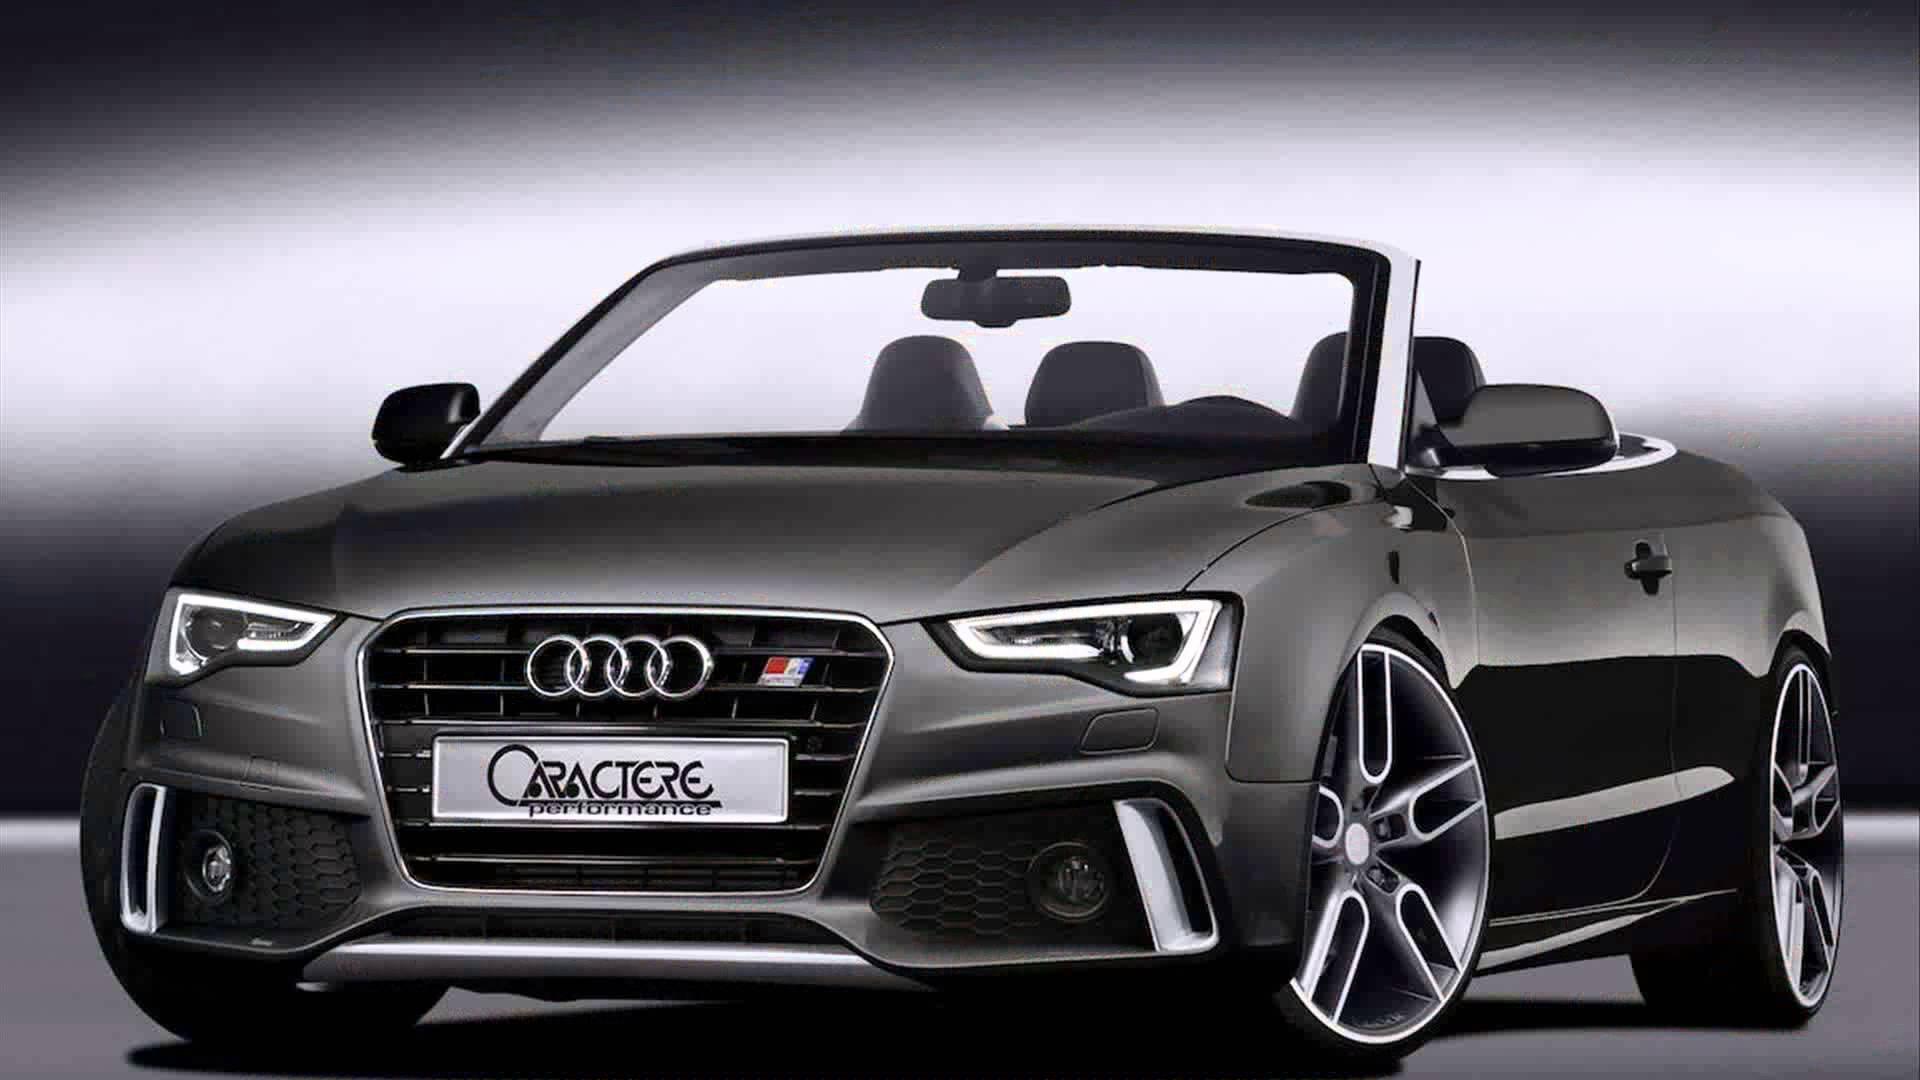 Như một chiếc coupe compact hoặc chuyển đổi (được biết đến như một cabriolet), Hãng xe của Đức cho ra đời dòng xe Audi A5 2016 dựa vào hiện tại A4 , hiện đang được hoàn toàn mới cho các model của năm 2017.